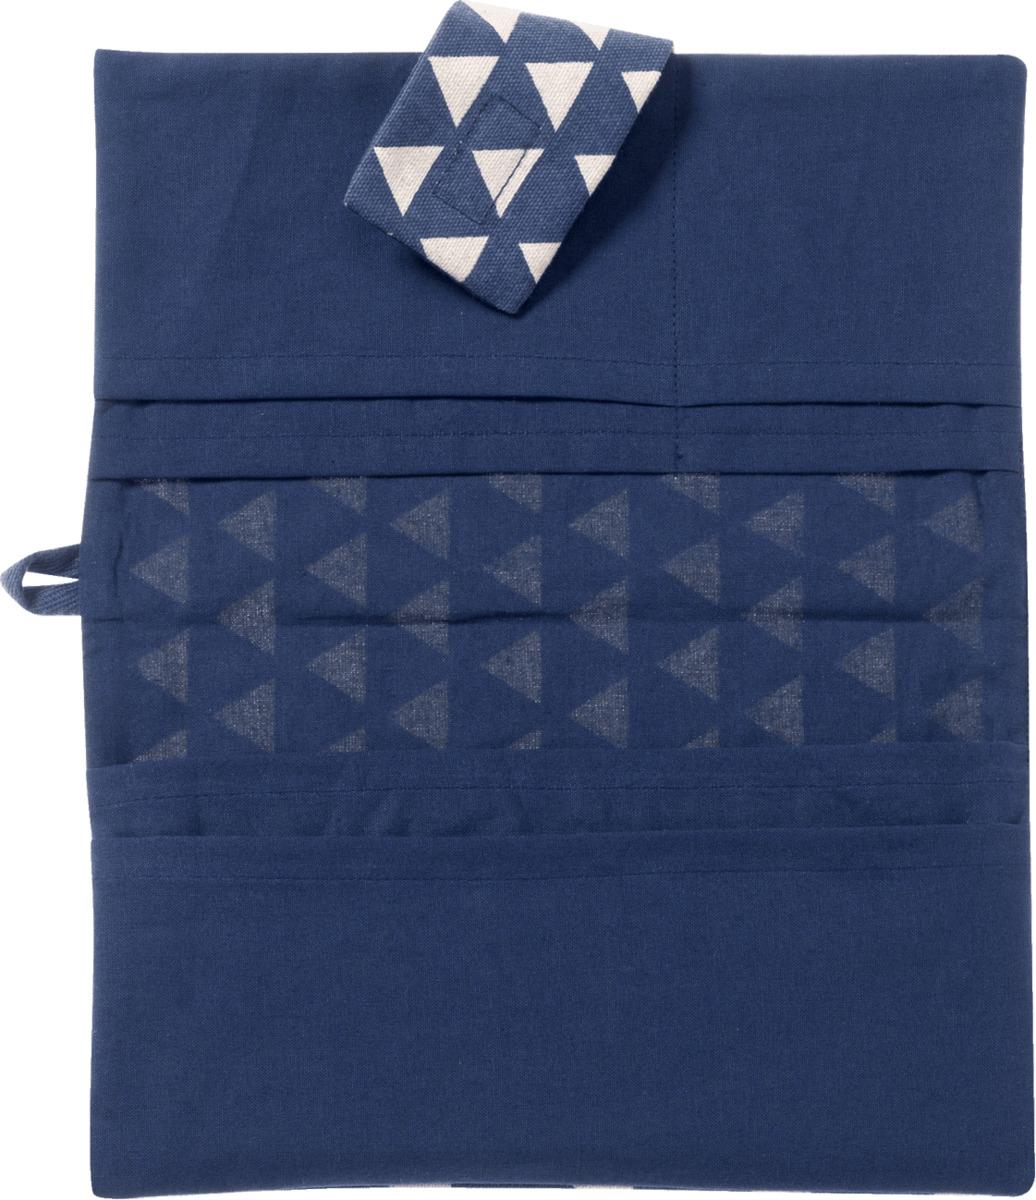 Bild 2 von ALANA Windeltasche in Dreieck-Design, in Bio-Baumwolle, mit Klettverschluss, blau, weiß